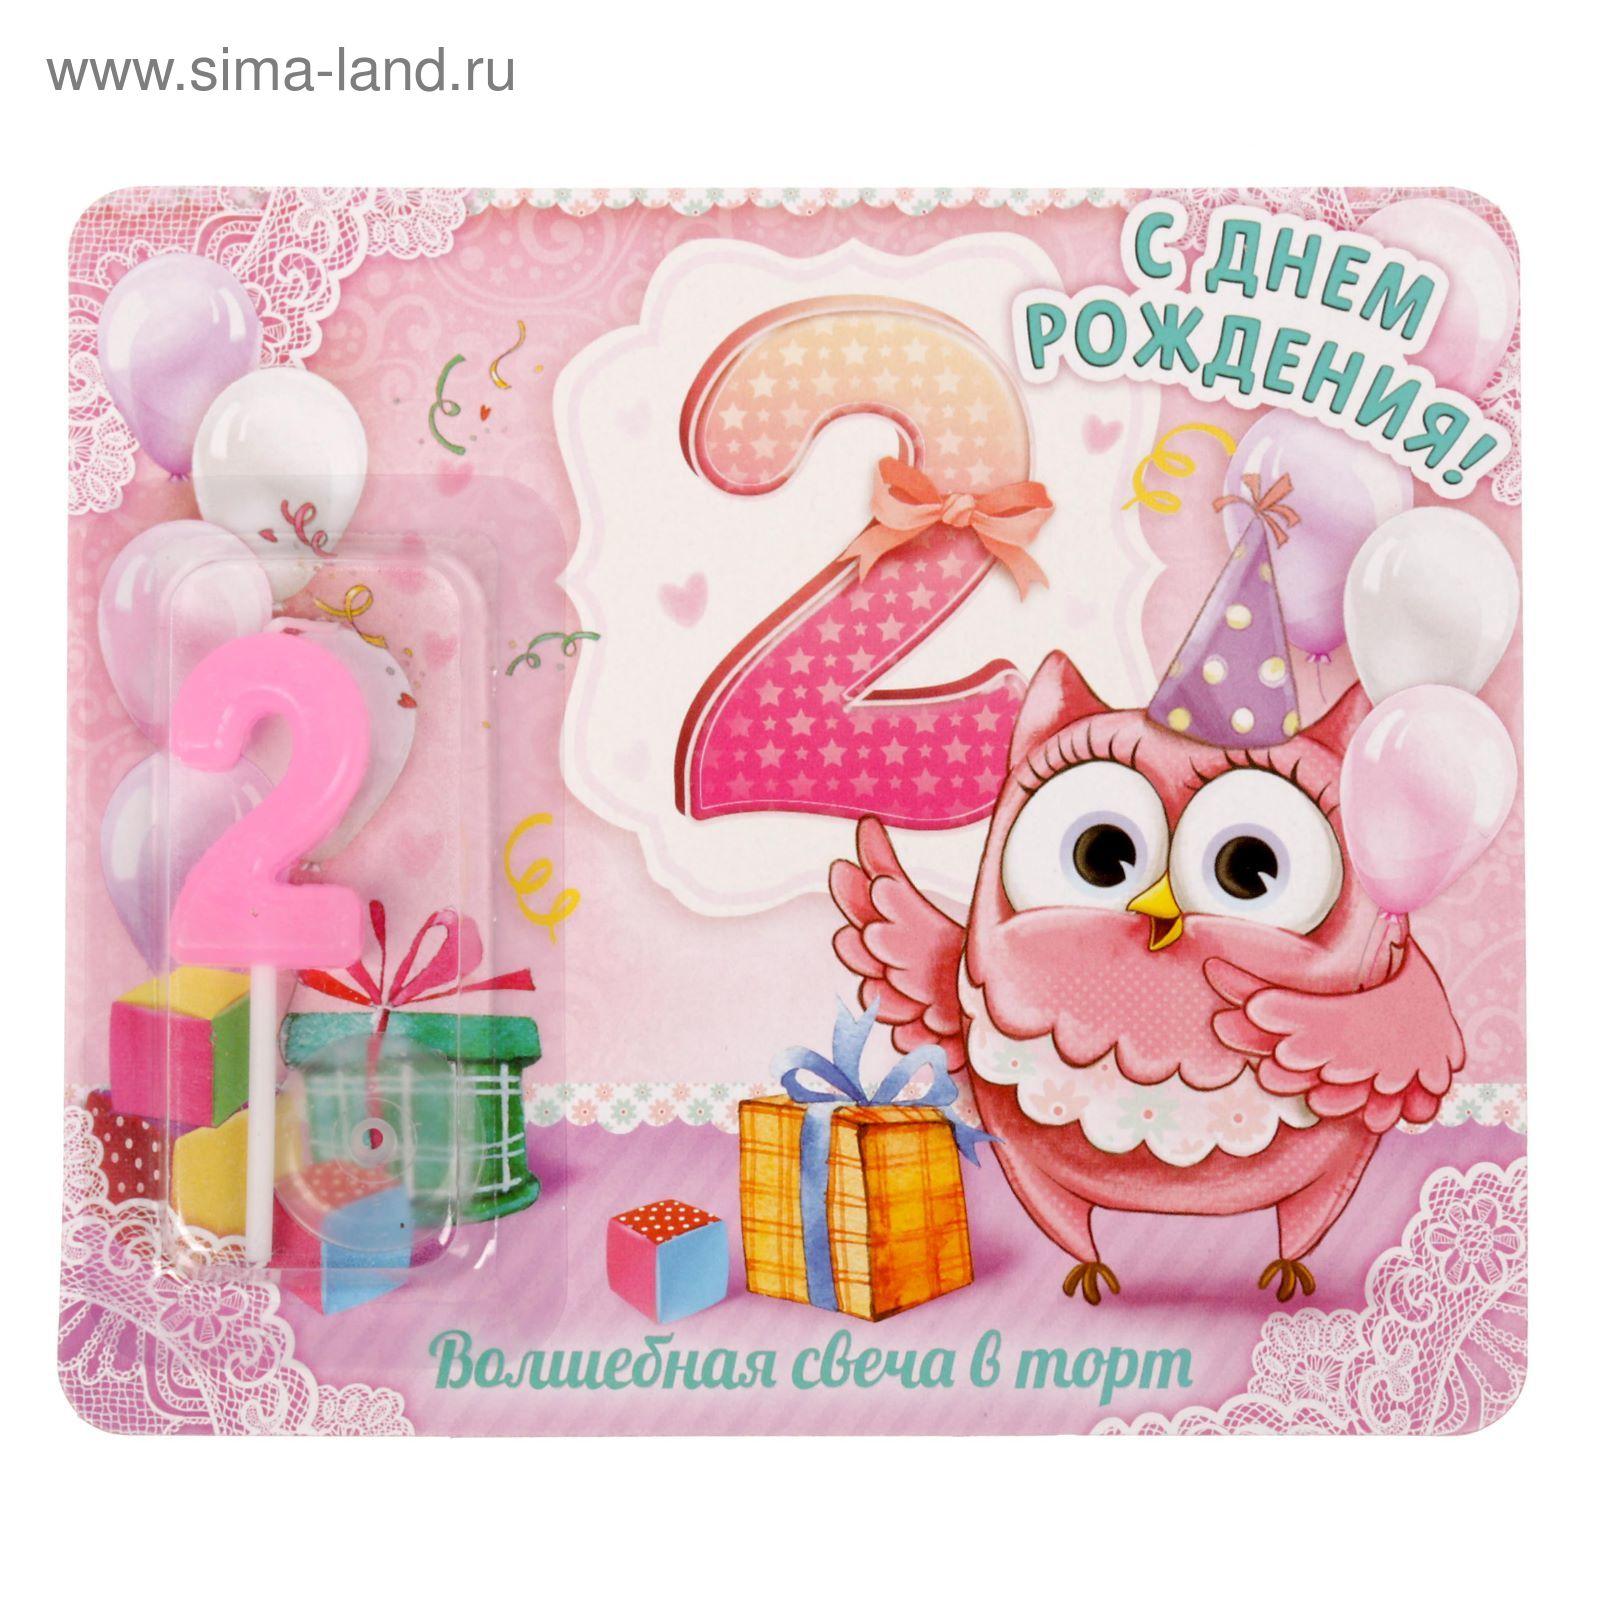 Картинка с днем рождения девочки 2 месяца, картинки